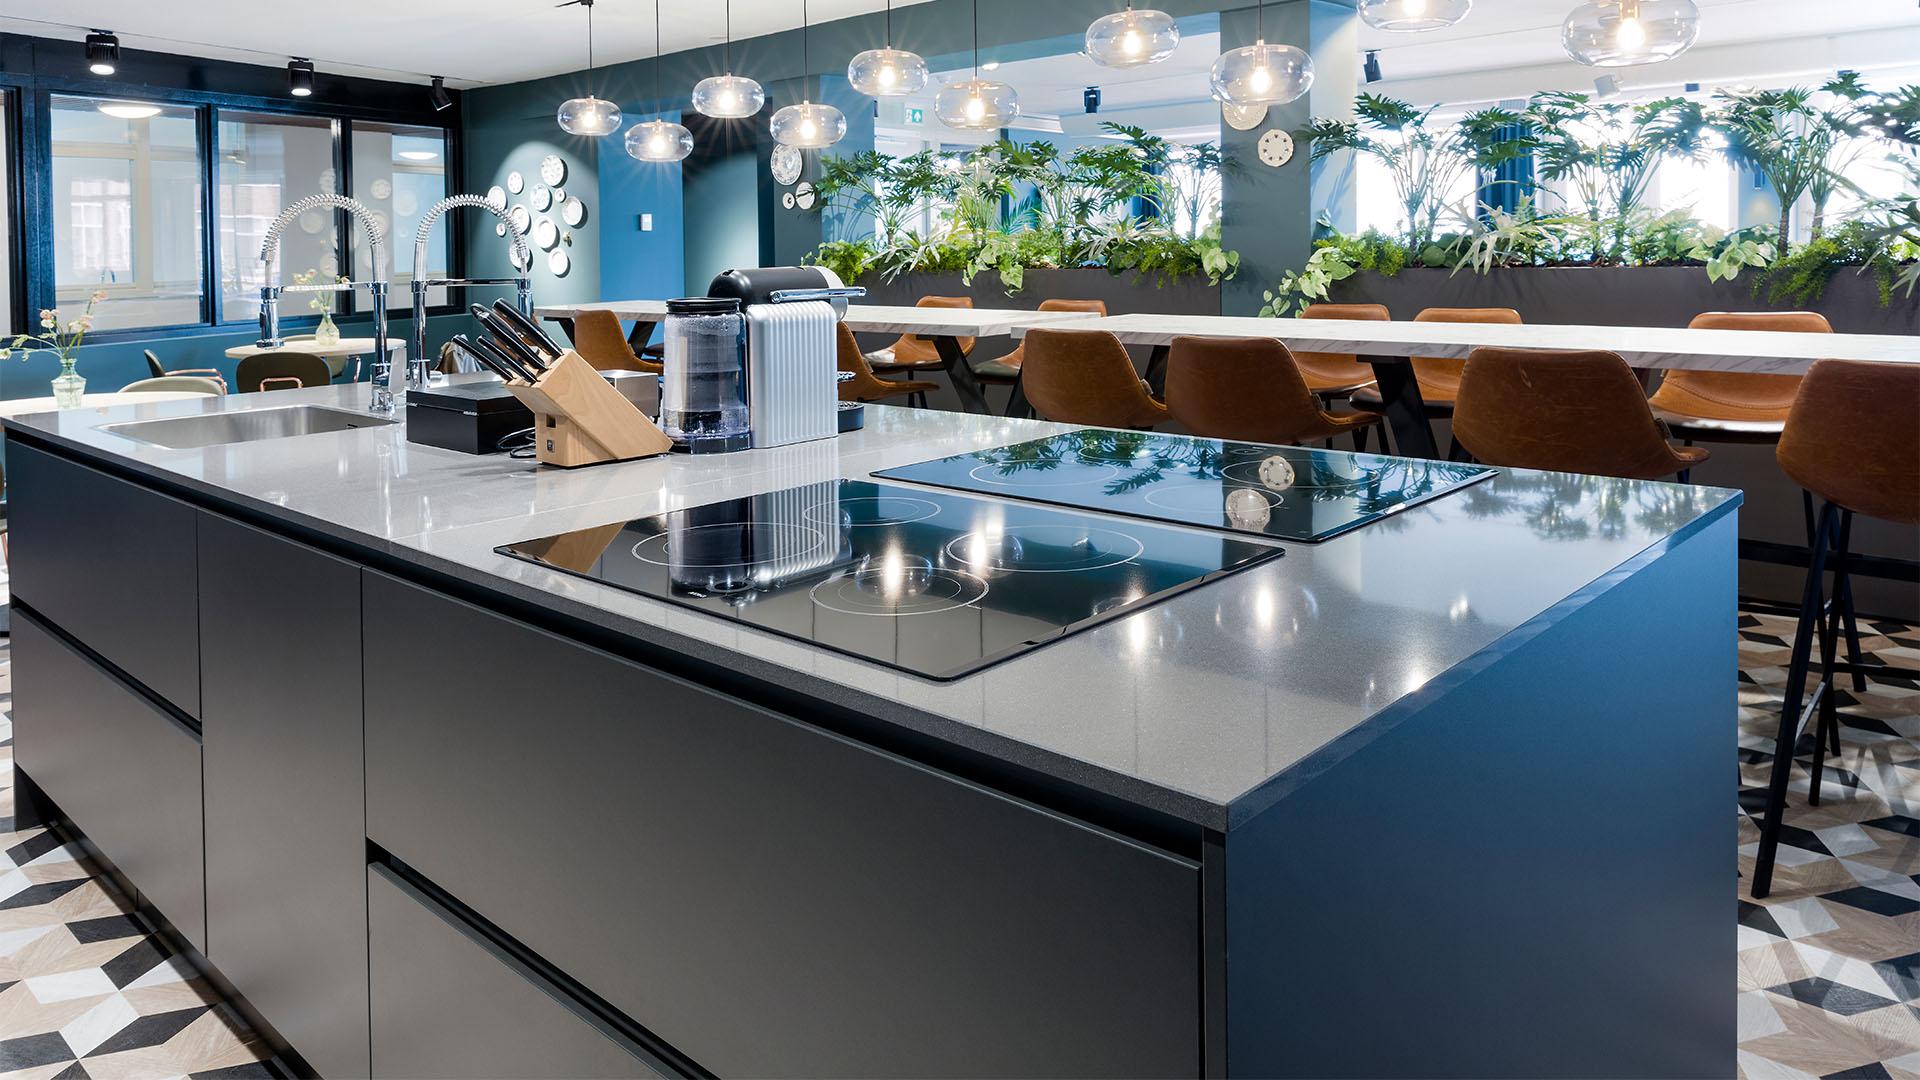 Indrukwekkend complex met Bribus keukens